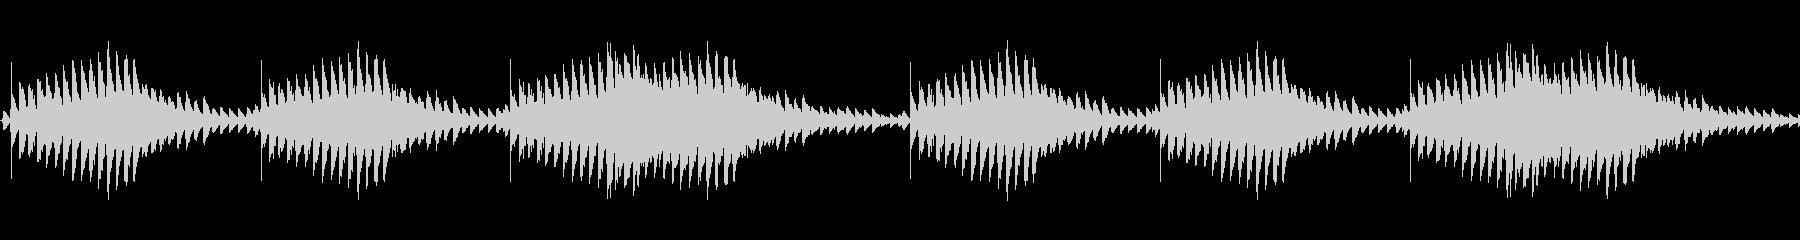 【ニュース/ドキュメンタリー/ジングル】の未再生の波形